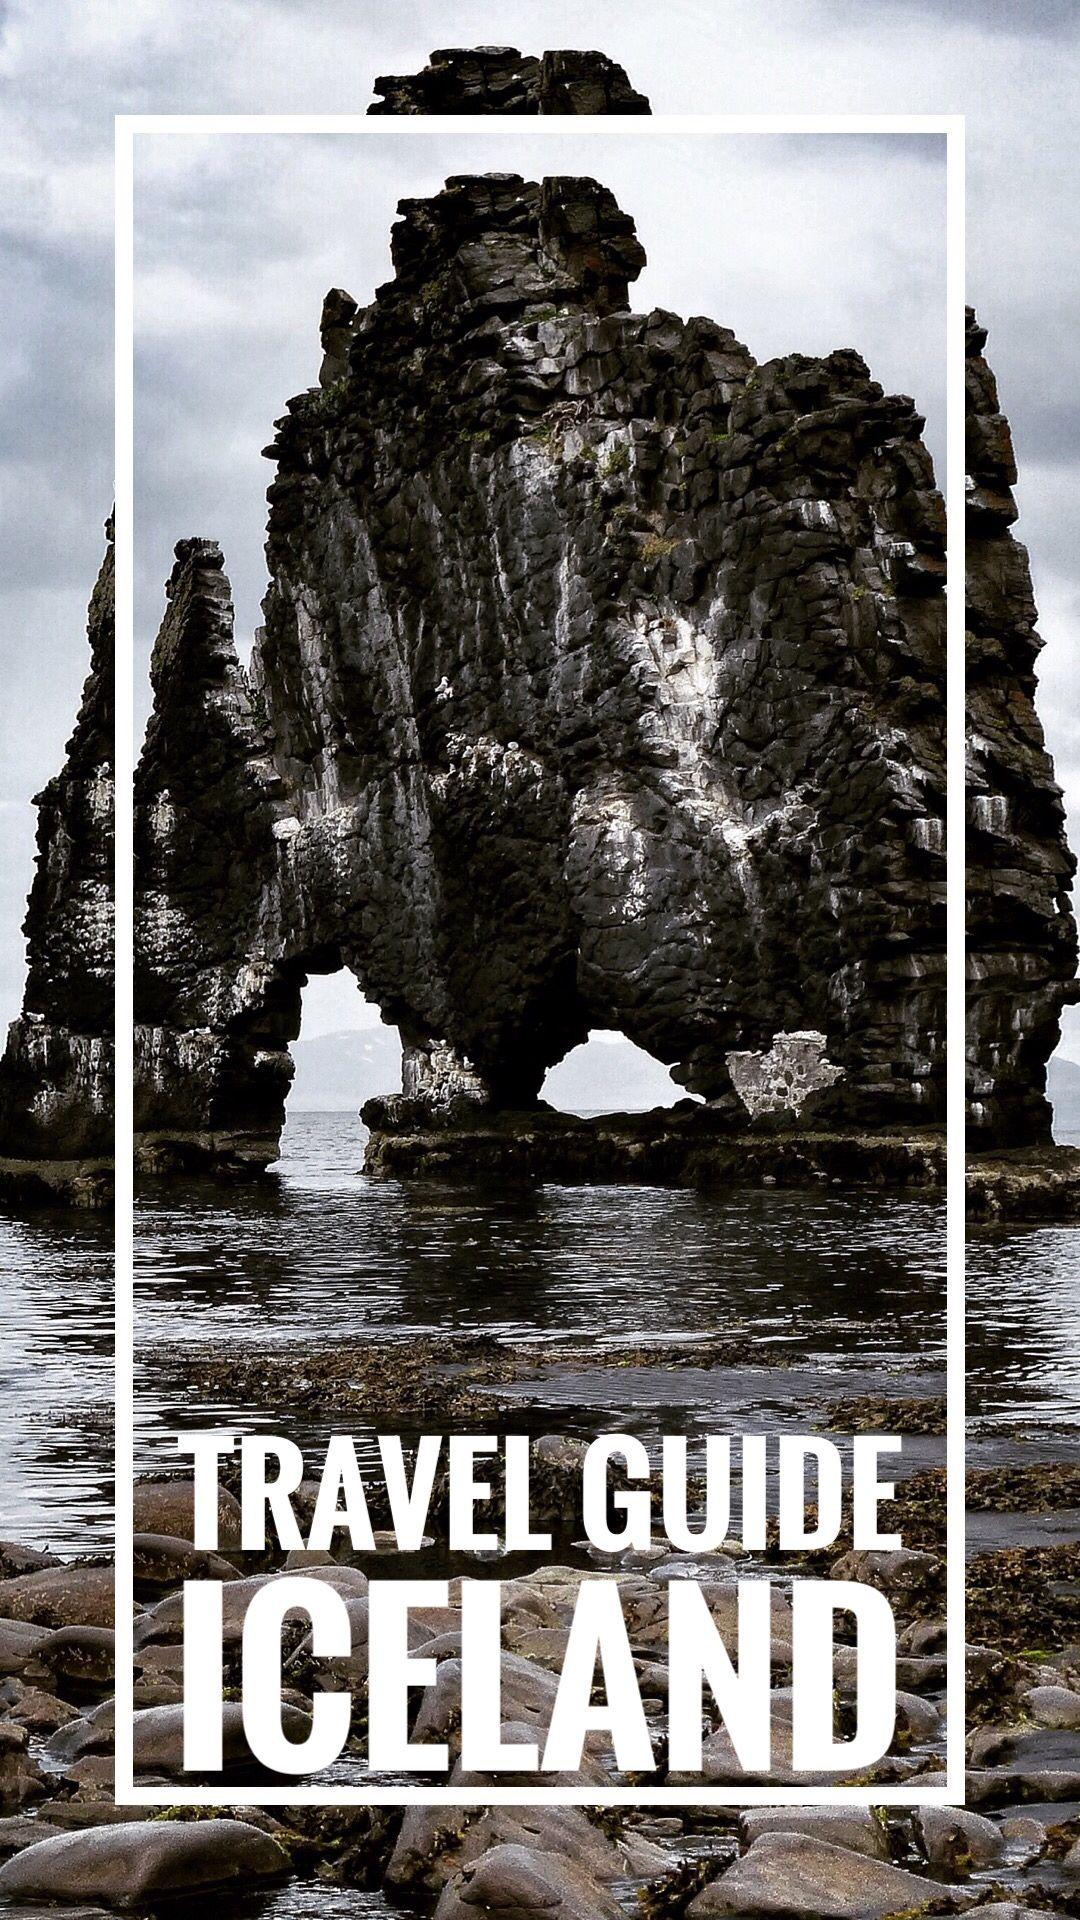 Travel Guide Iceland In 2020 Reisen Reise Inspiration Reiseideen